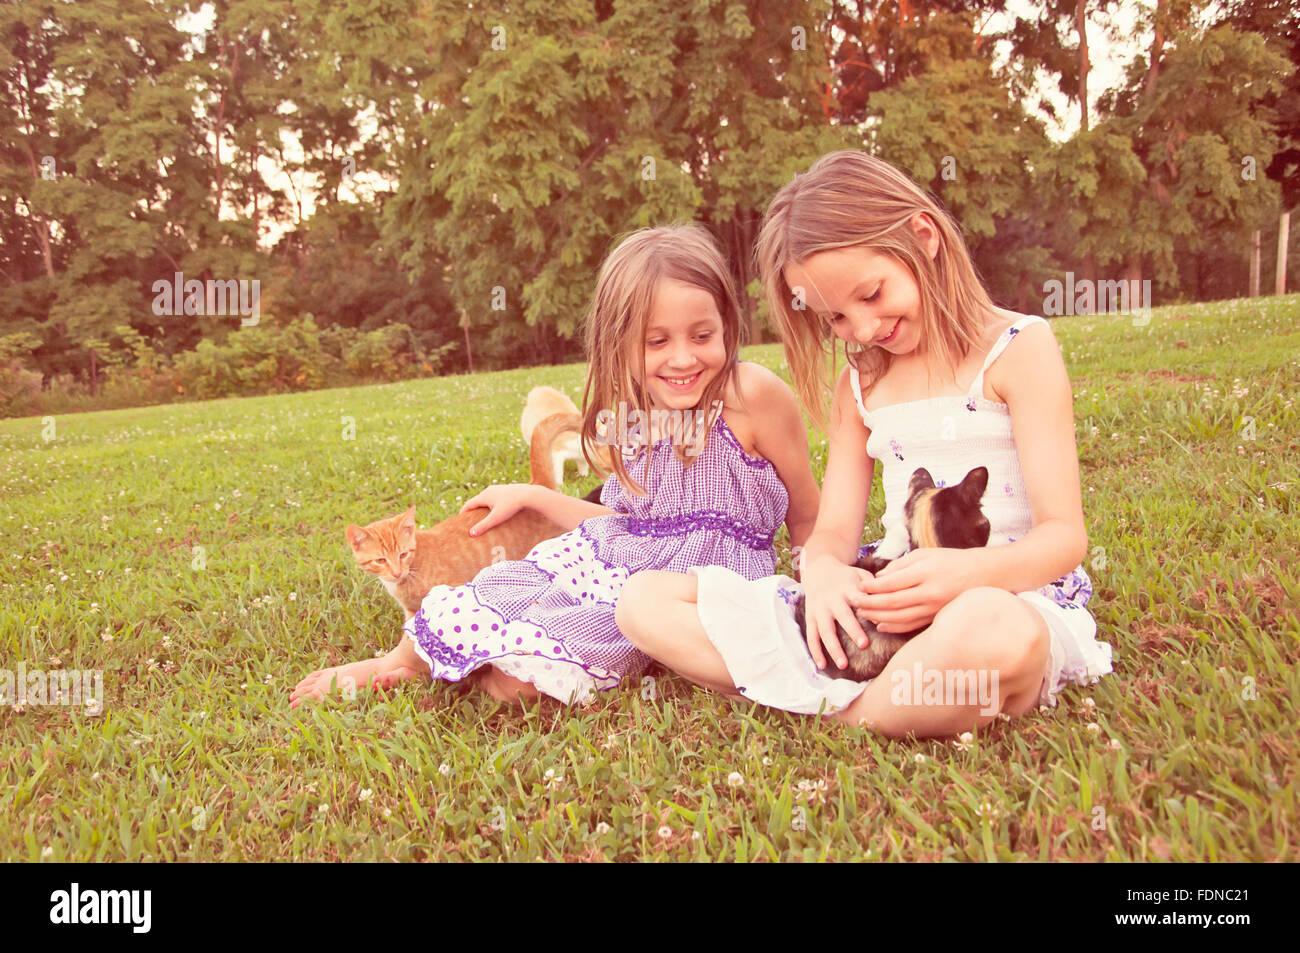 Dos niñas con sundresses acariciándole y manteniendo los gatitos Imagen De Stock